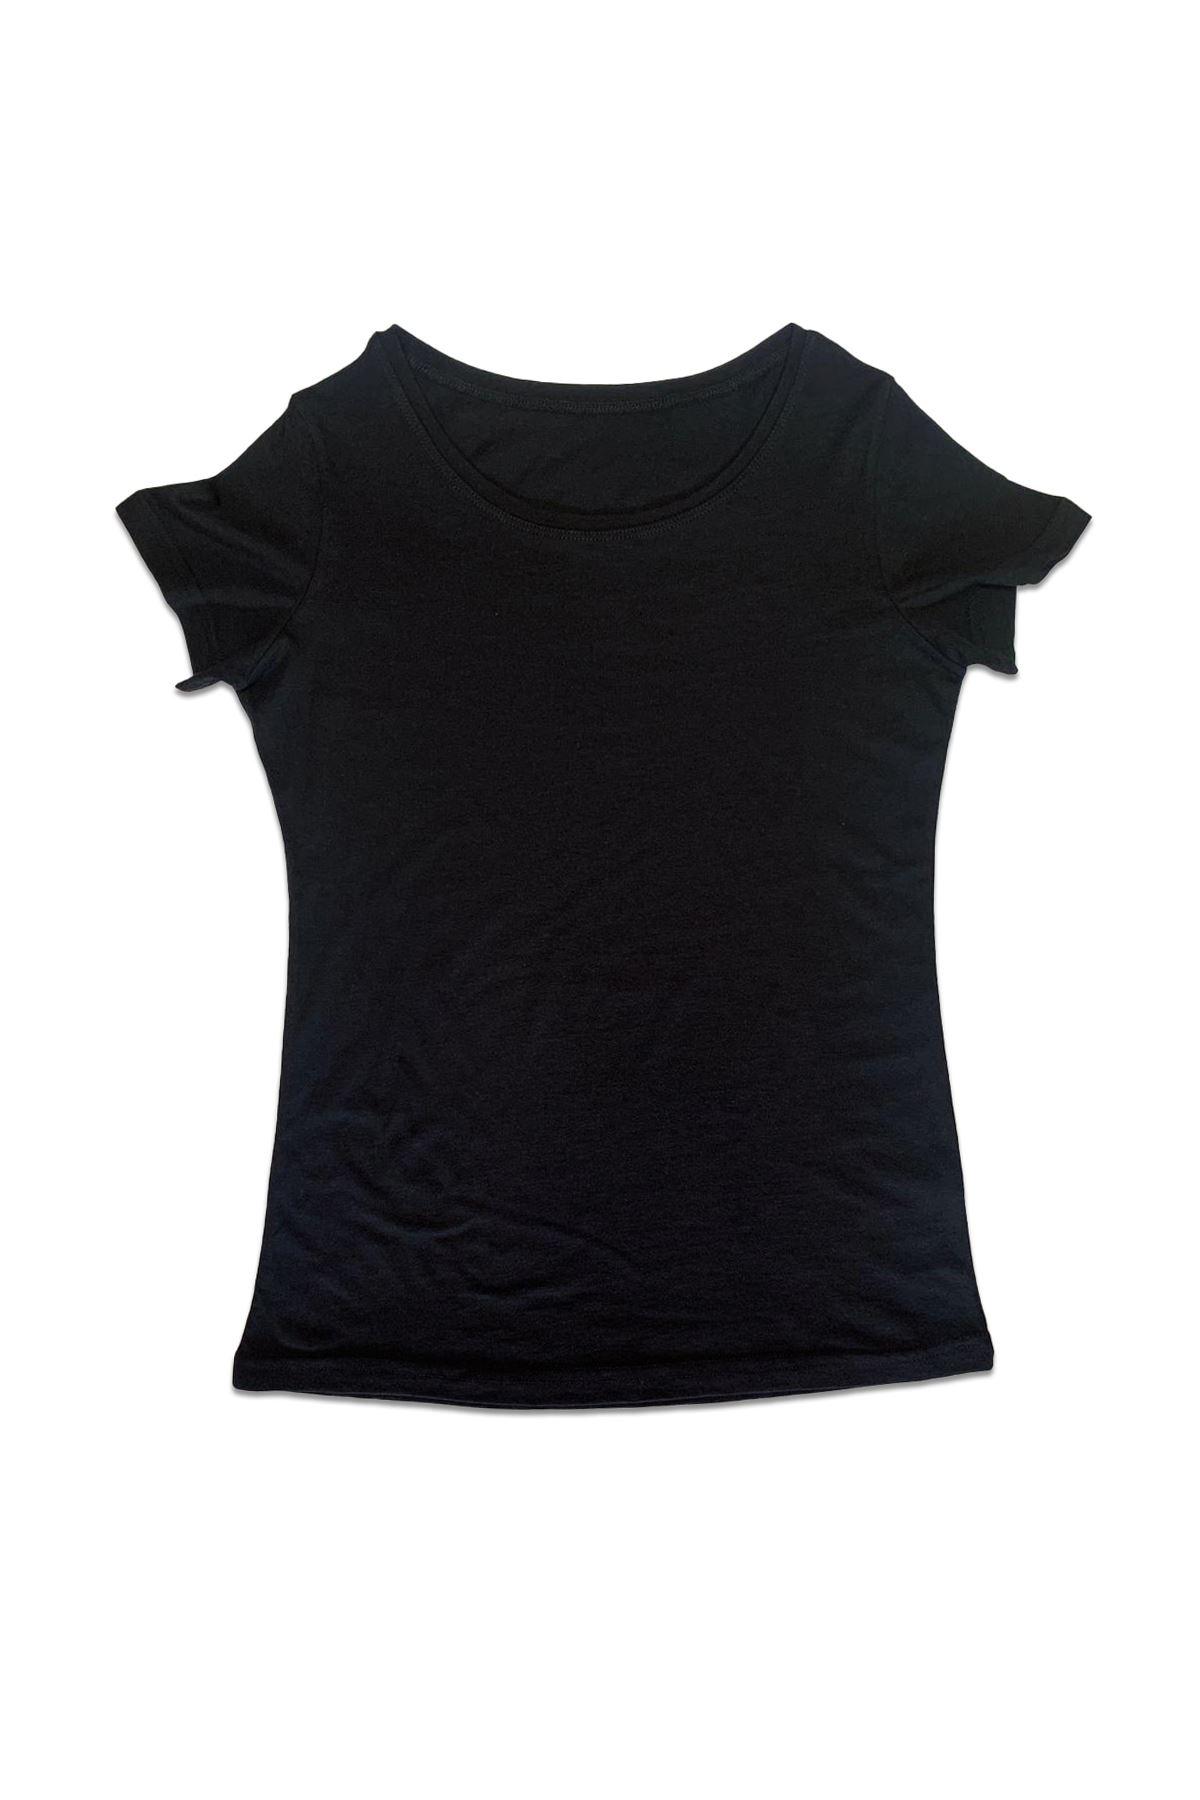 Malabadi Kadın Siyah Açık Yaka Yaz Serinliği Tişört 172